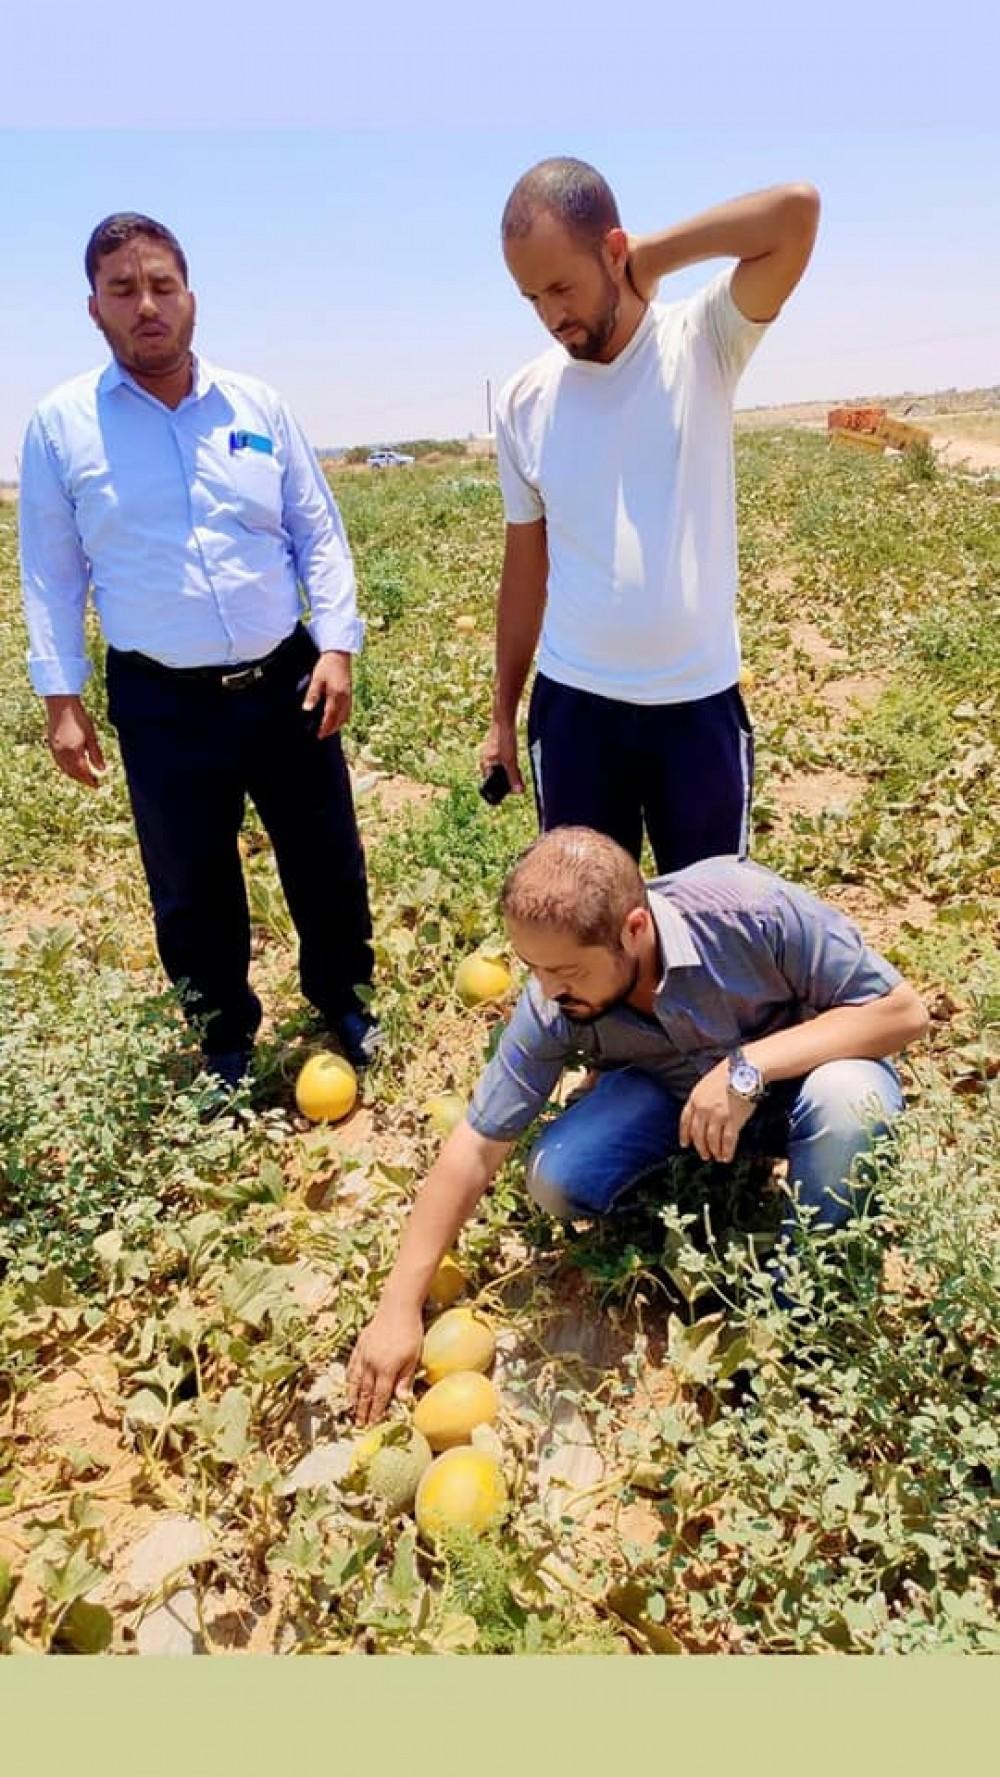 زراعة خانيونس تنظم جولة ميدانية للتعرف علي أصناف الشمام الجديدة